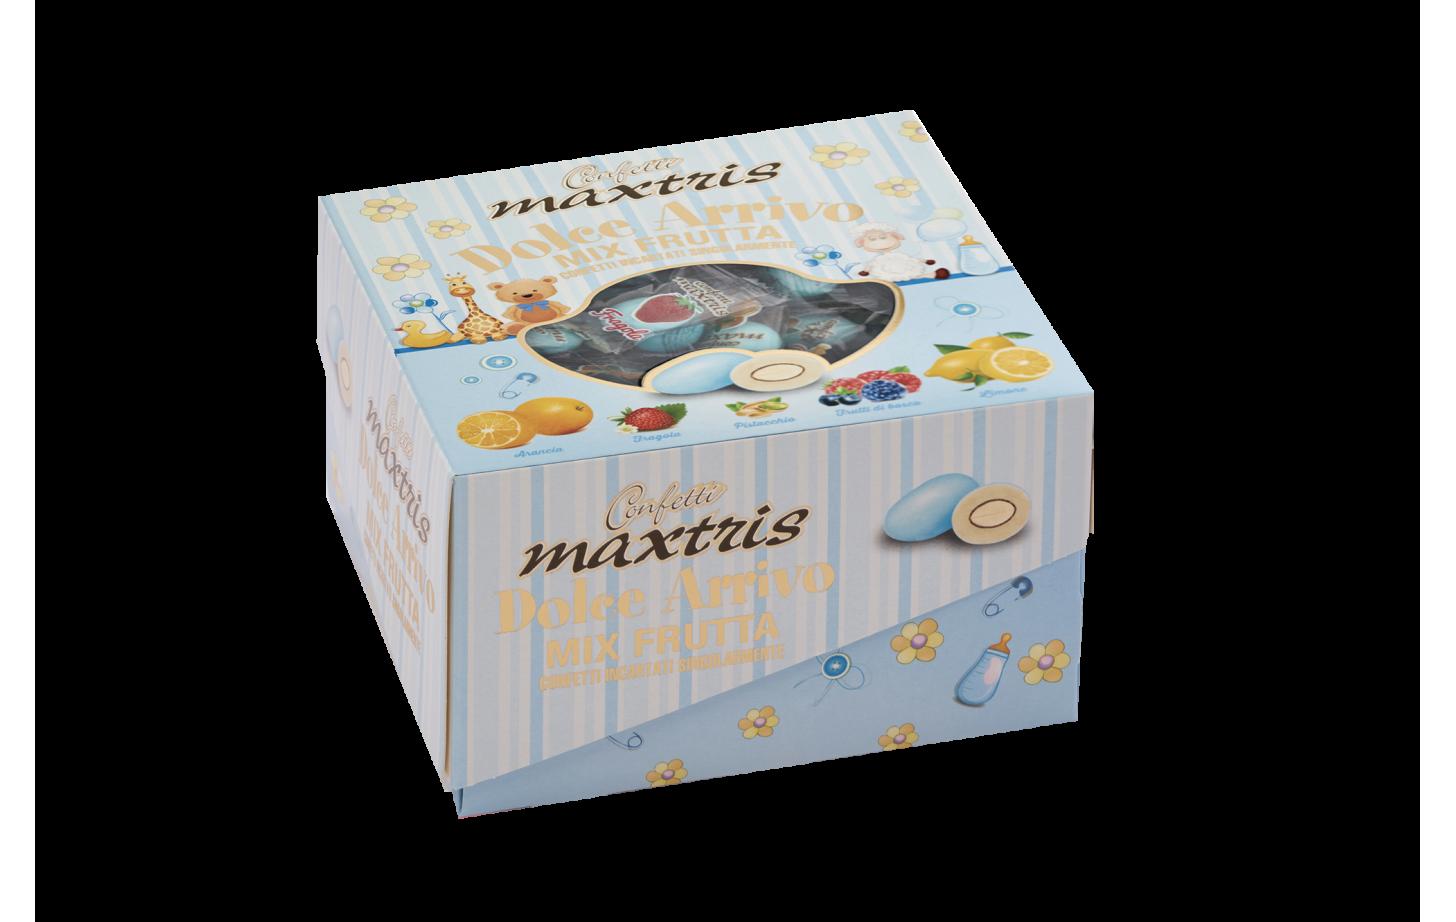 Maxtris Amaretto